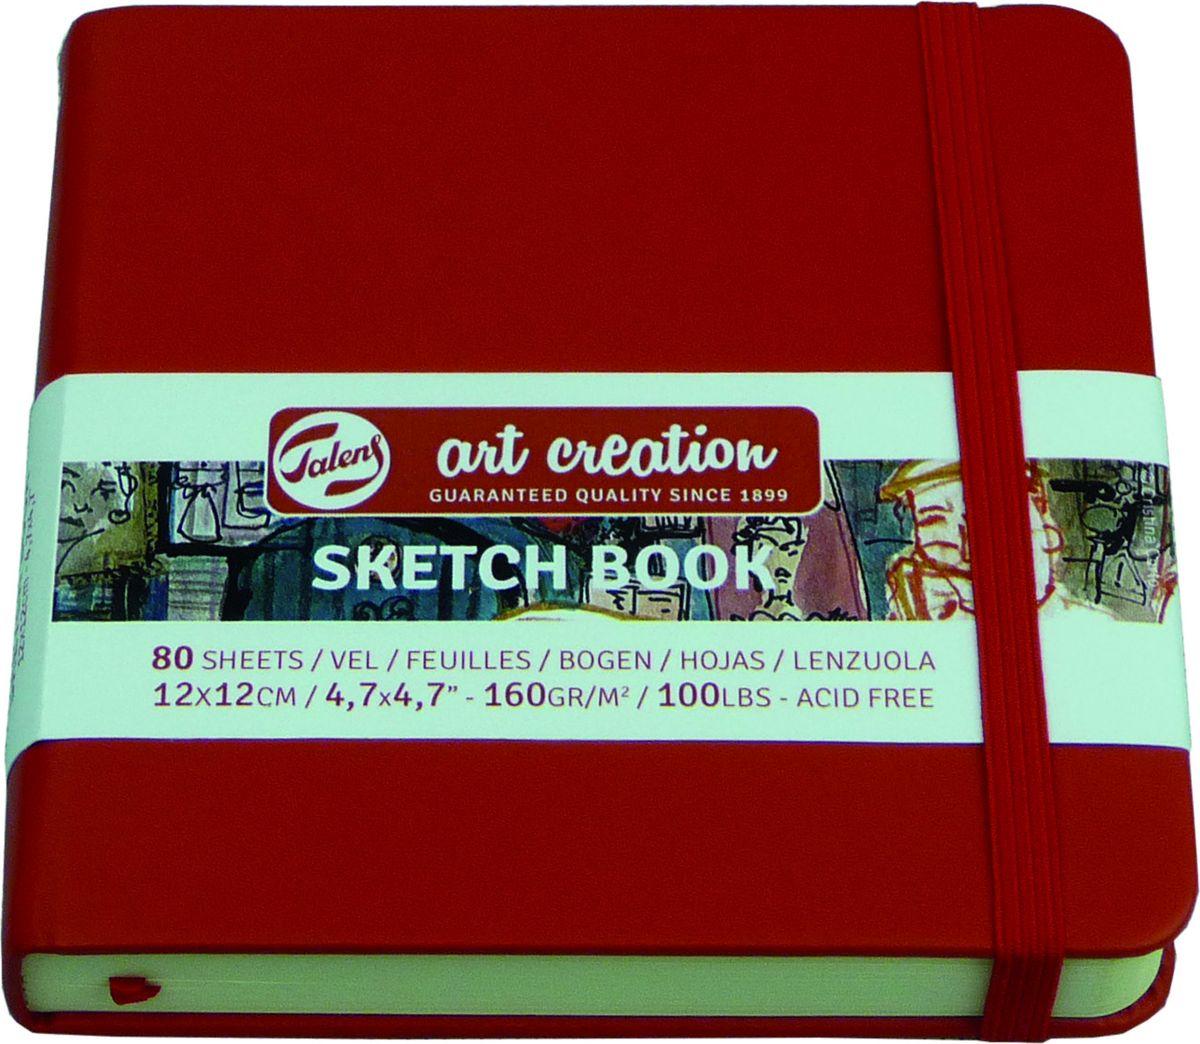 Royal Talens Блокнот для зарисовок Art Creation цвет красный 80 листов 9314204M9314204MБлокнот Art Creation идеально подойдет для графических зарисовок карандашом, пастелью, углем, ручкой, а также для записей и заметок.Благодаря высококачественной бумаге, гелевые и масляные чернила не просачиваются, а твердая обложка защищает листы от смятия.